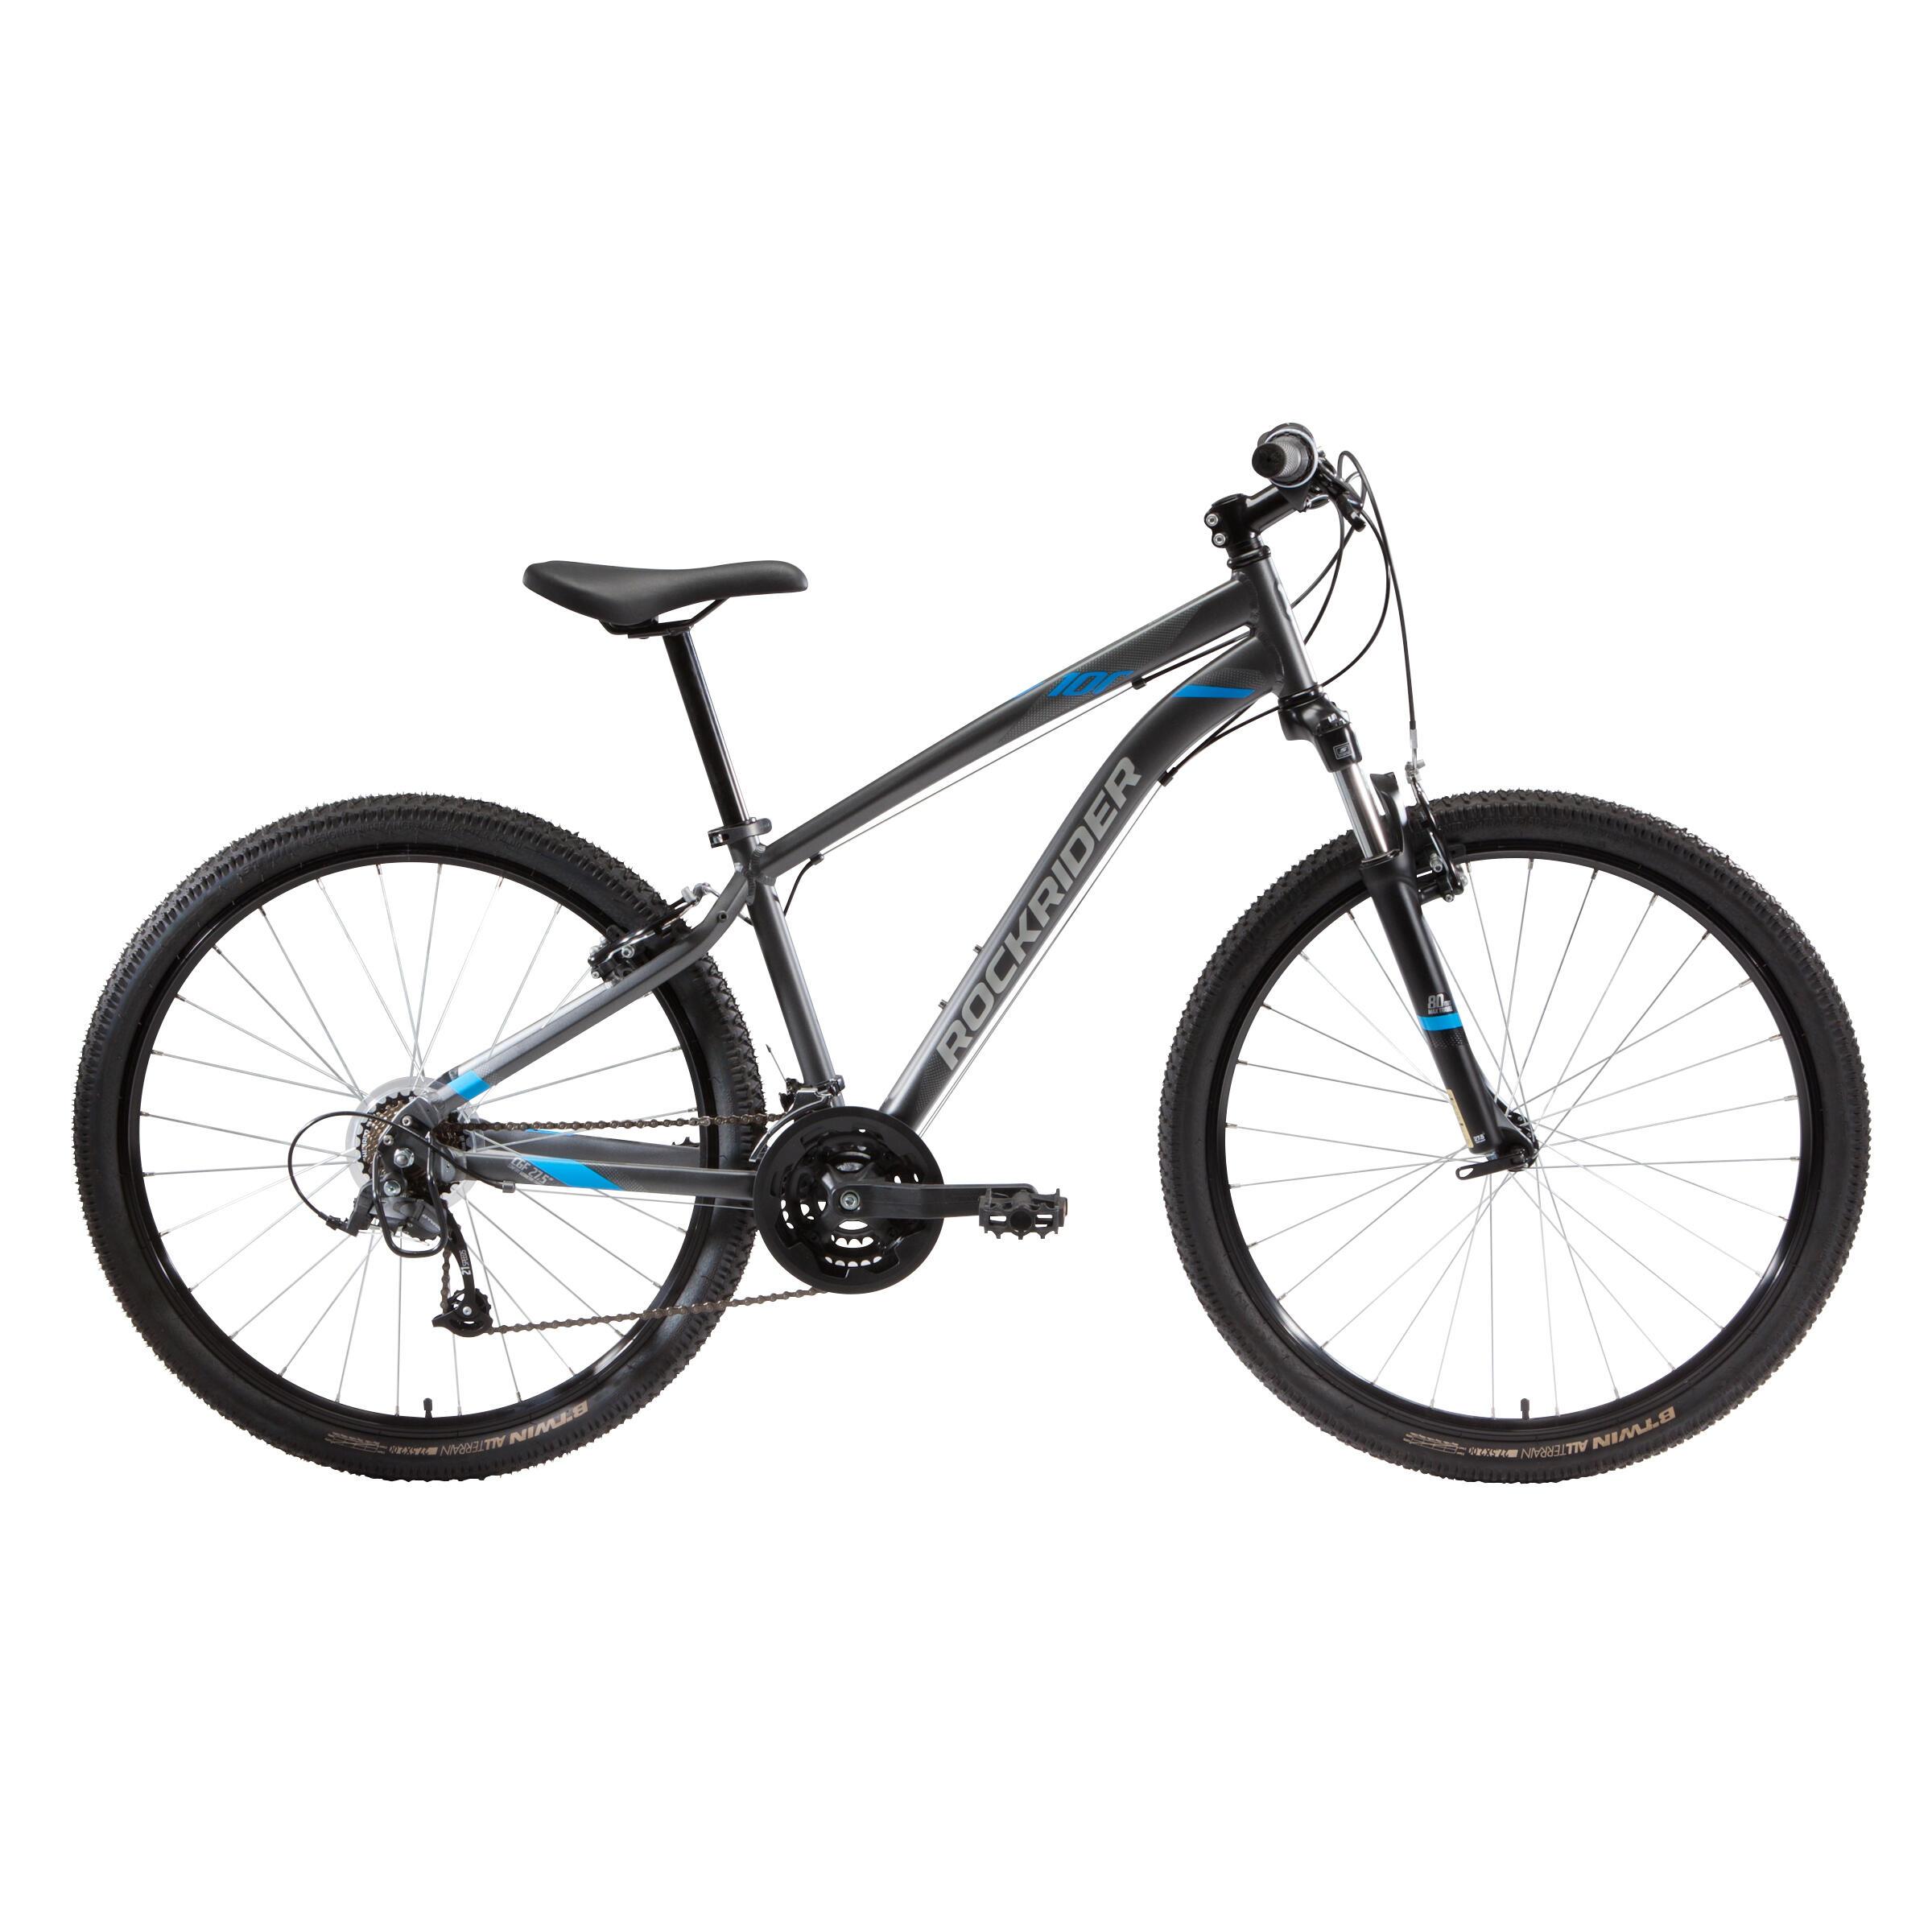 Rockrider MTB Rockrider ST100 27.5 B'TWIN 3x7-speed mountainbike